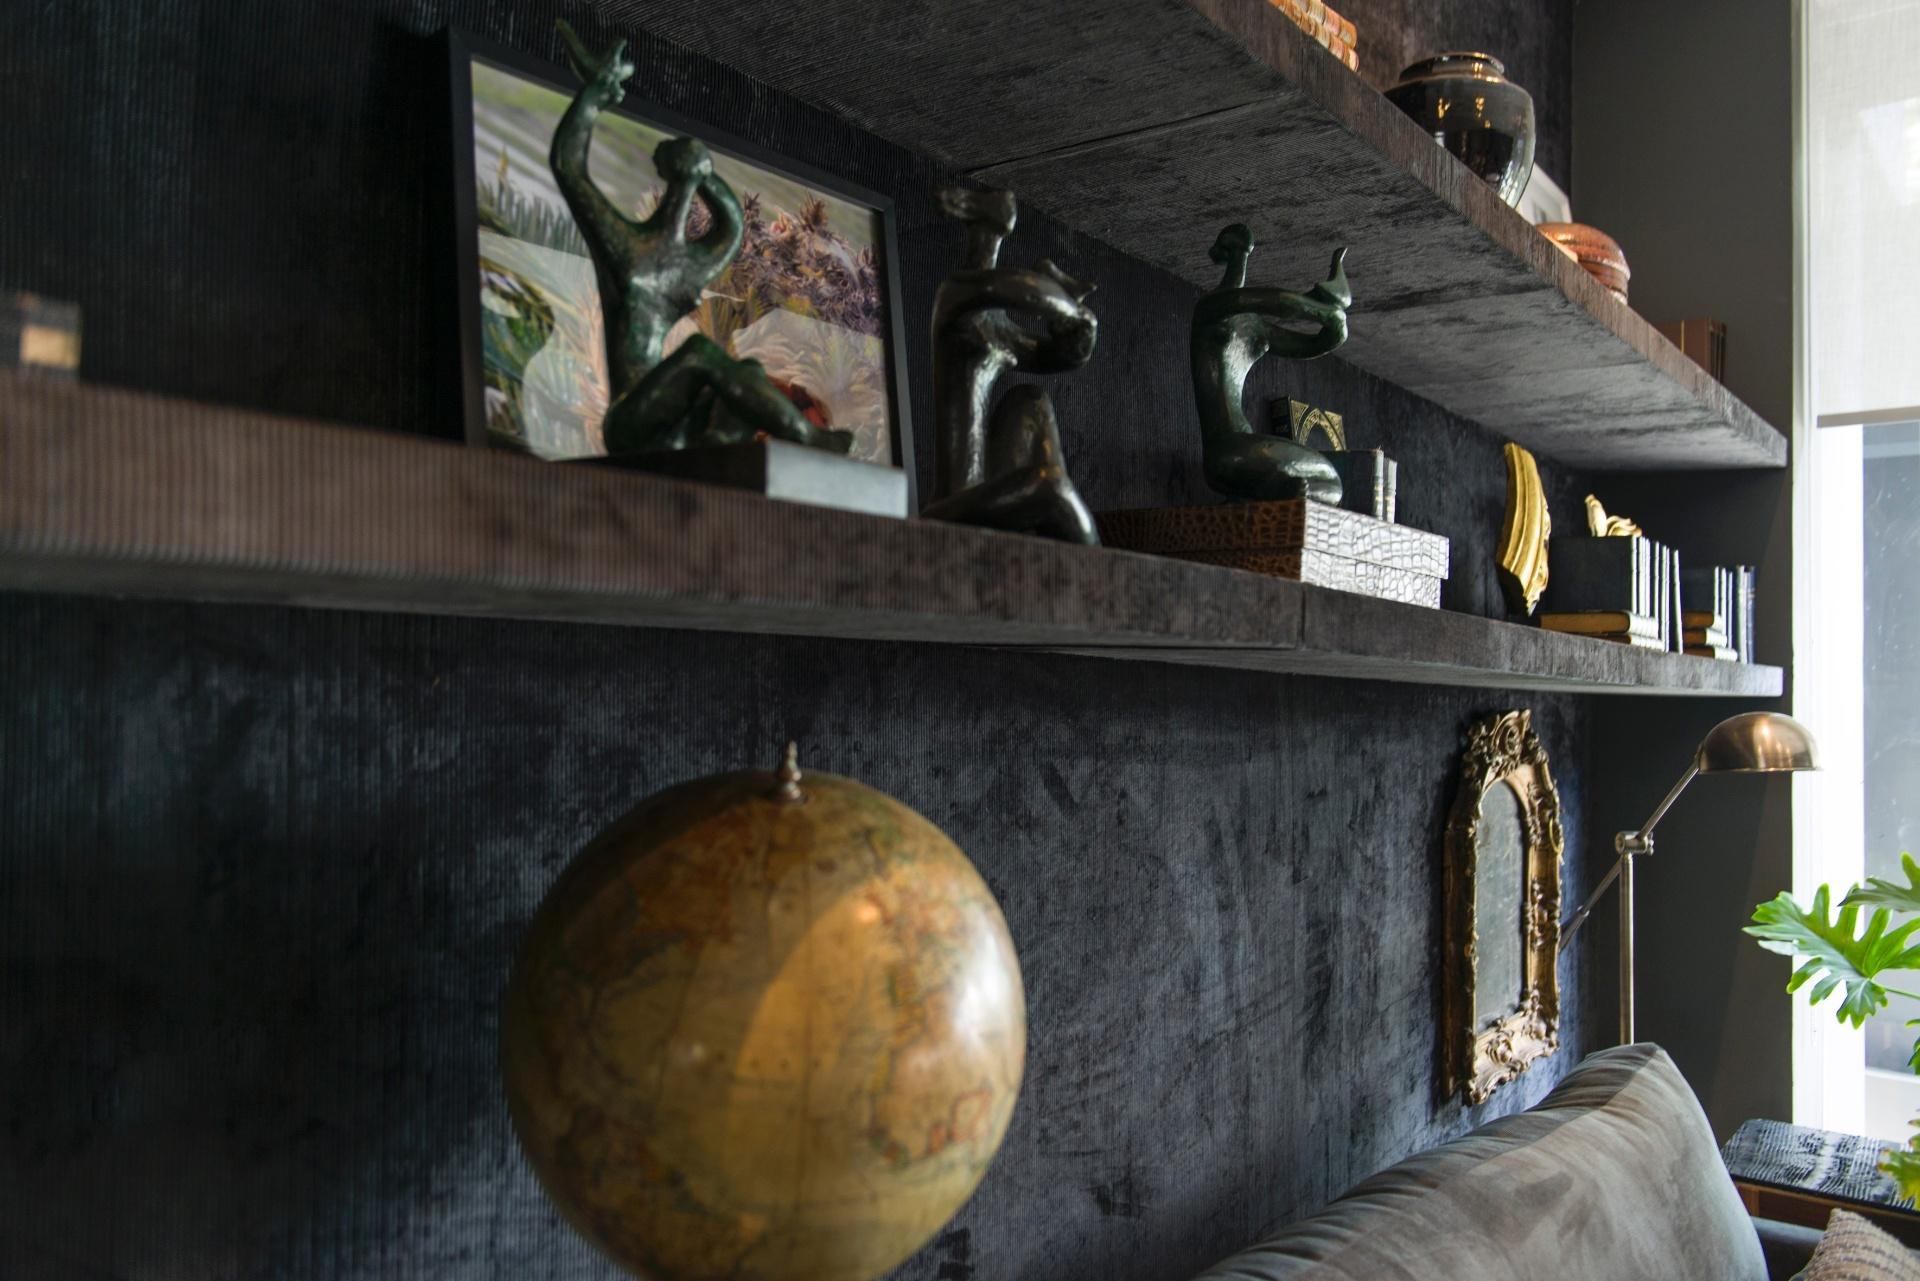 Inovar no modo de revestir - Em uma das salas de estar da Casa Contemporânea, desenvolvida por Ana Maria Vieira Santos, um único revestimento (tecido de veludo) cobre por inteiro a parede e as prateleiras, o que cria um efeito impactante e unifica os elementos